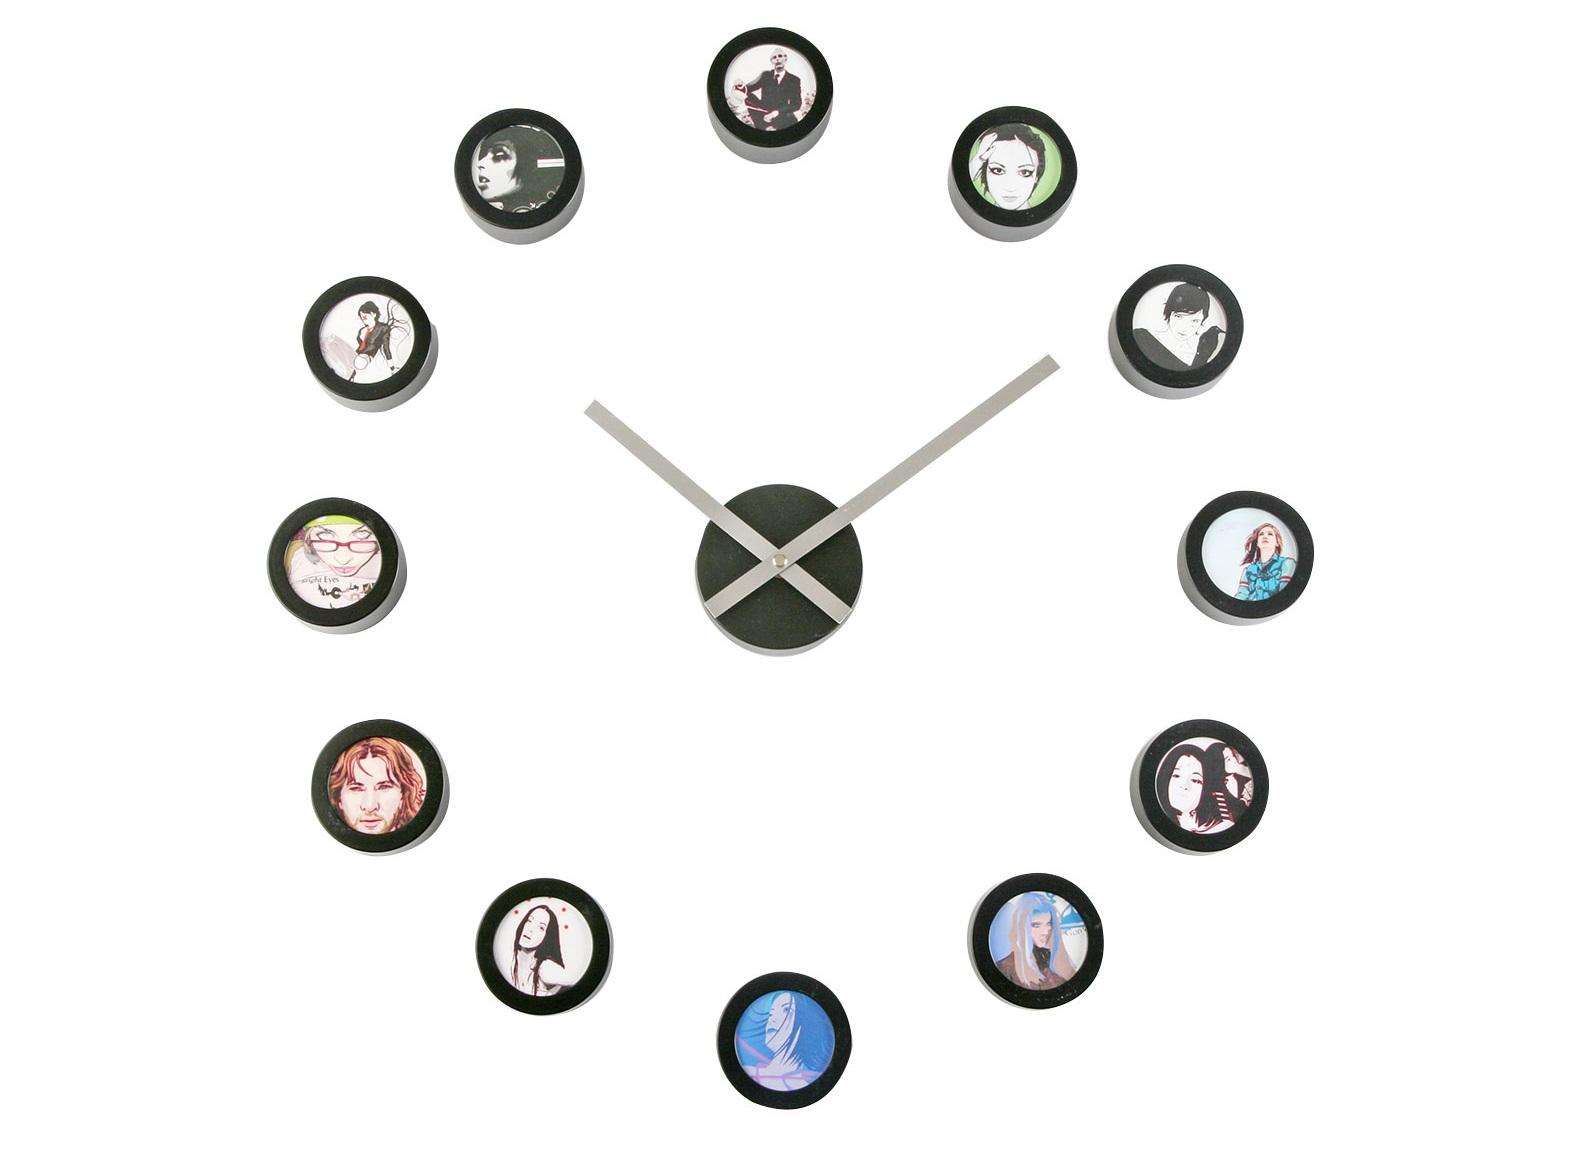 Часы STICKERНастенные часы<br>Часы с 12 фоторамками&amp;lt;div&amp;gt;кварцевый механизм&amp;lt;/div&amp;gt;<br><br>Material: Пластик<br>Length см: None<br>Width см: None<br>Height см: None<br>Diameter см: 90